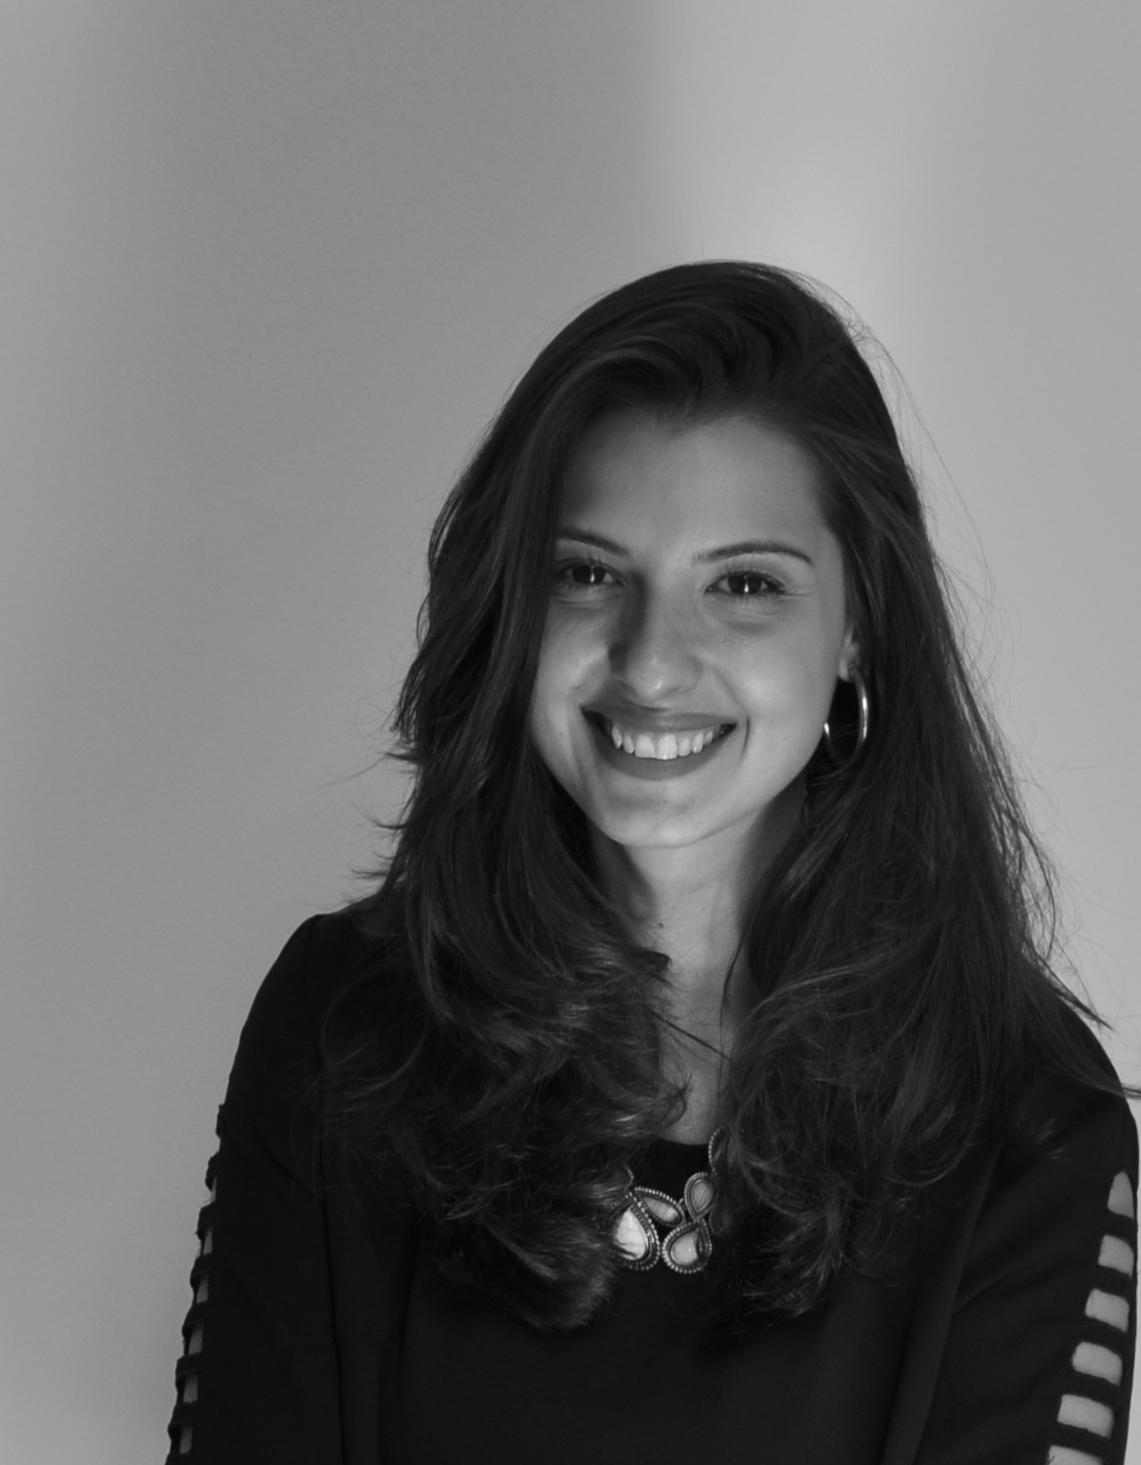 Carolina Prado  Psicanalista e colunista do site no período de junho de 2016 a março de 2019. Para acessar seus textos publicados clique na foto acima)